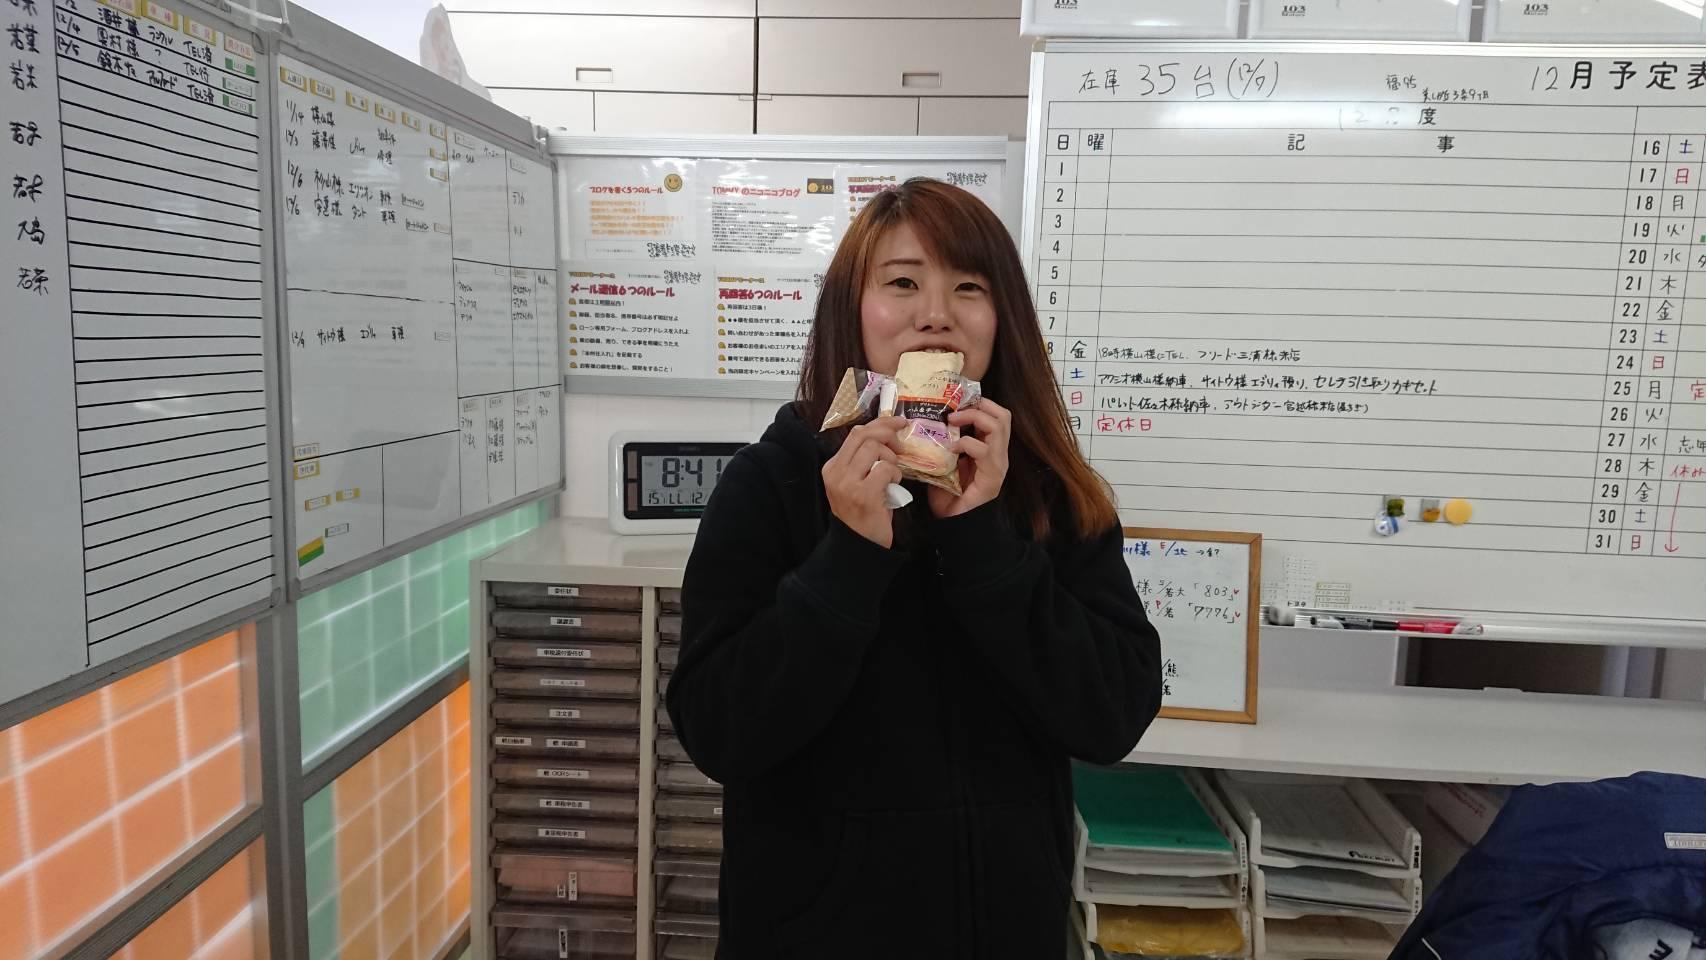 12月9日(土)☆TOMMYアウトレット☆あゆブログ(*^^)v カローラアクシオY様納車♪N-BOX+ M様ご成約♪_b0127002_15560981.jpg